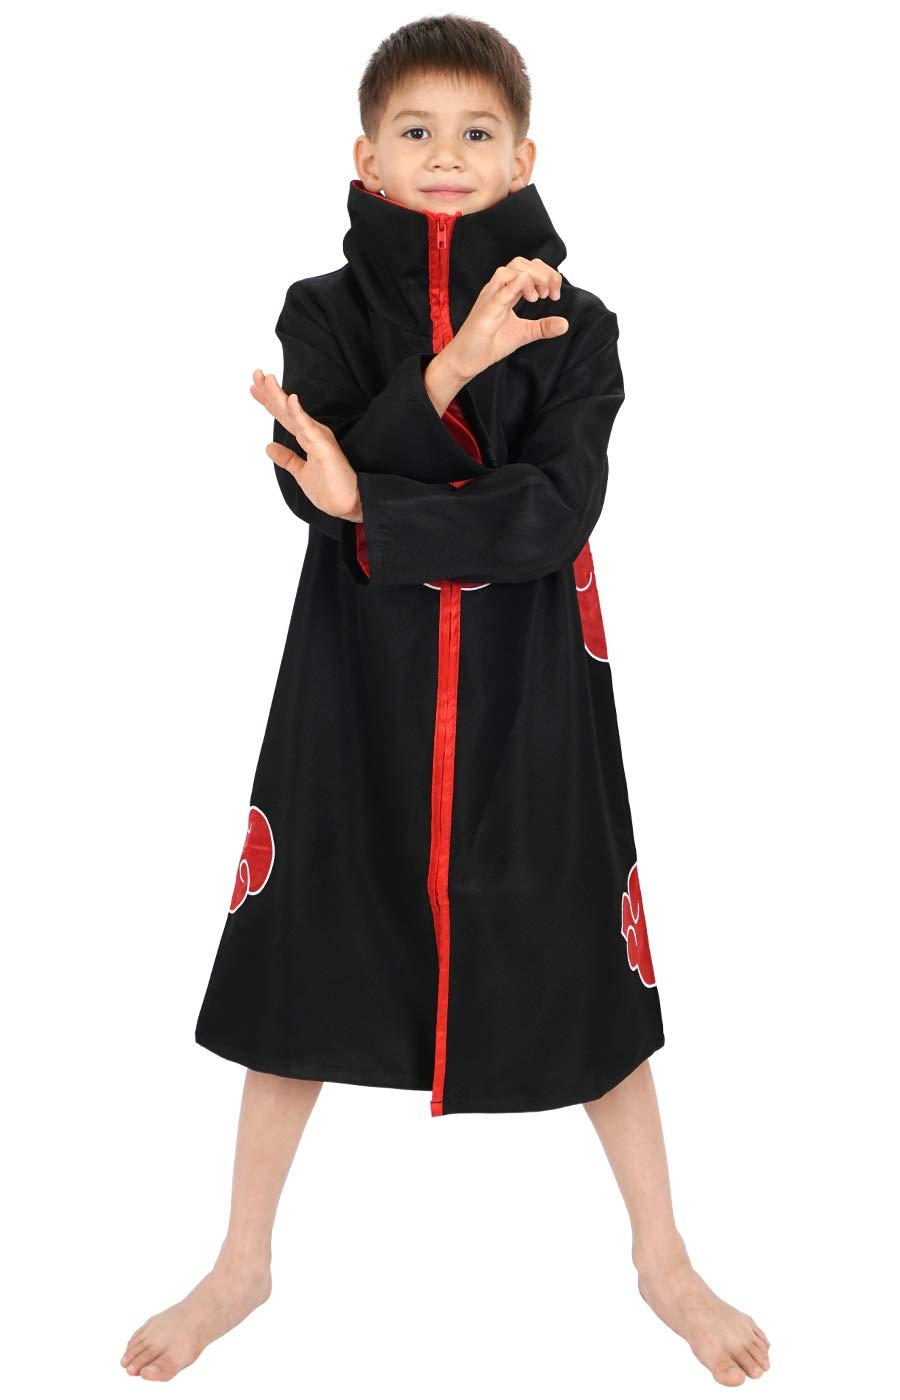 CoolChange Abrigo de Akatsuki para niños Disfraz Cosplay, tamaño: 150